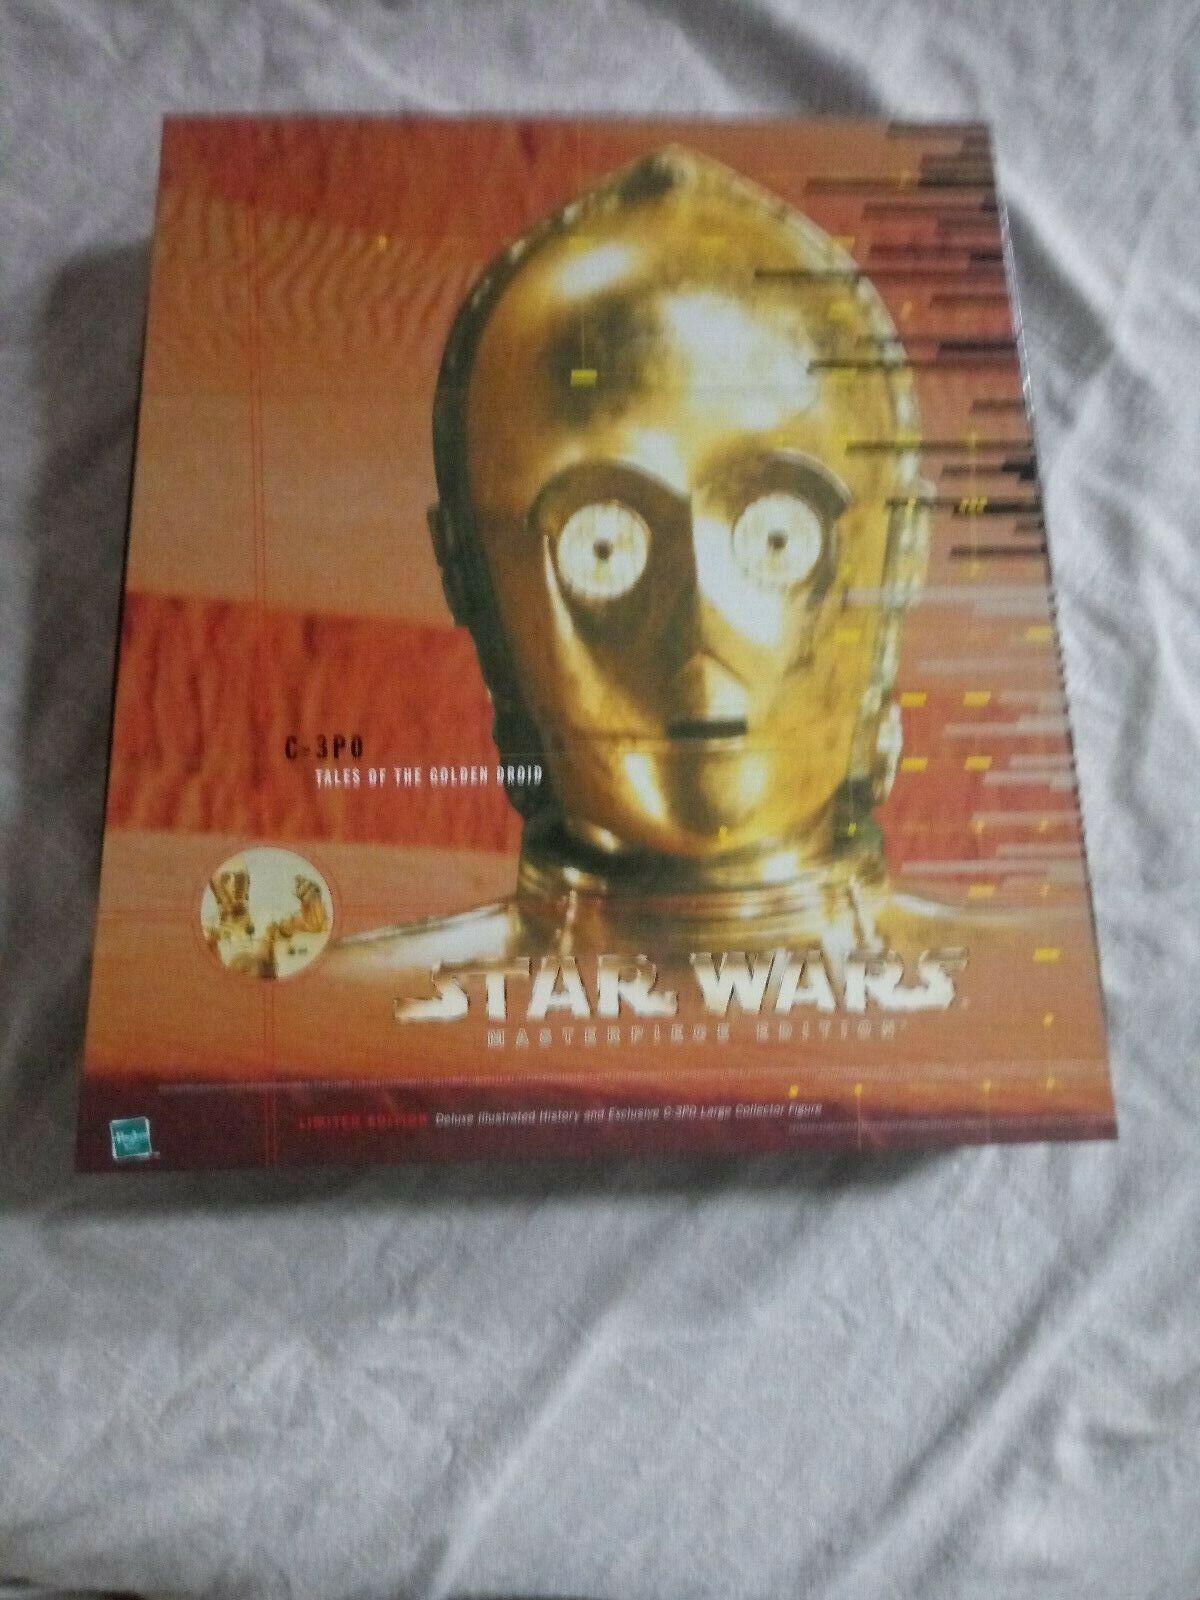 1999 estrella guerras MASTERPIECE edizione  C3PO TALES OF THE oroEN DROID